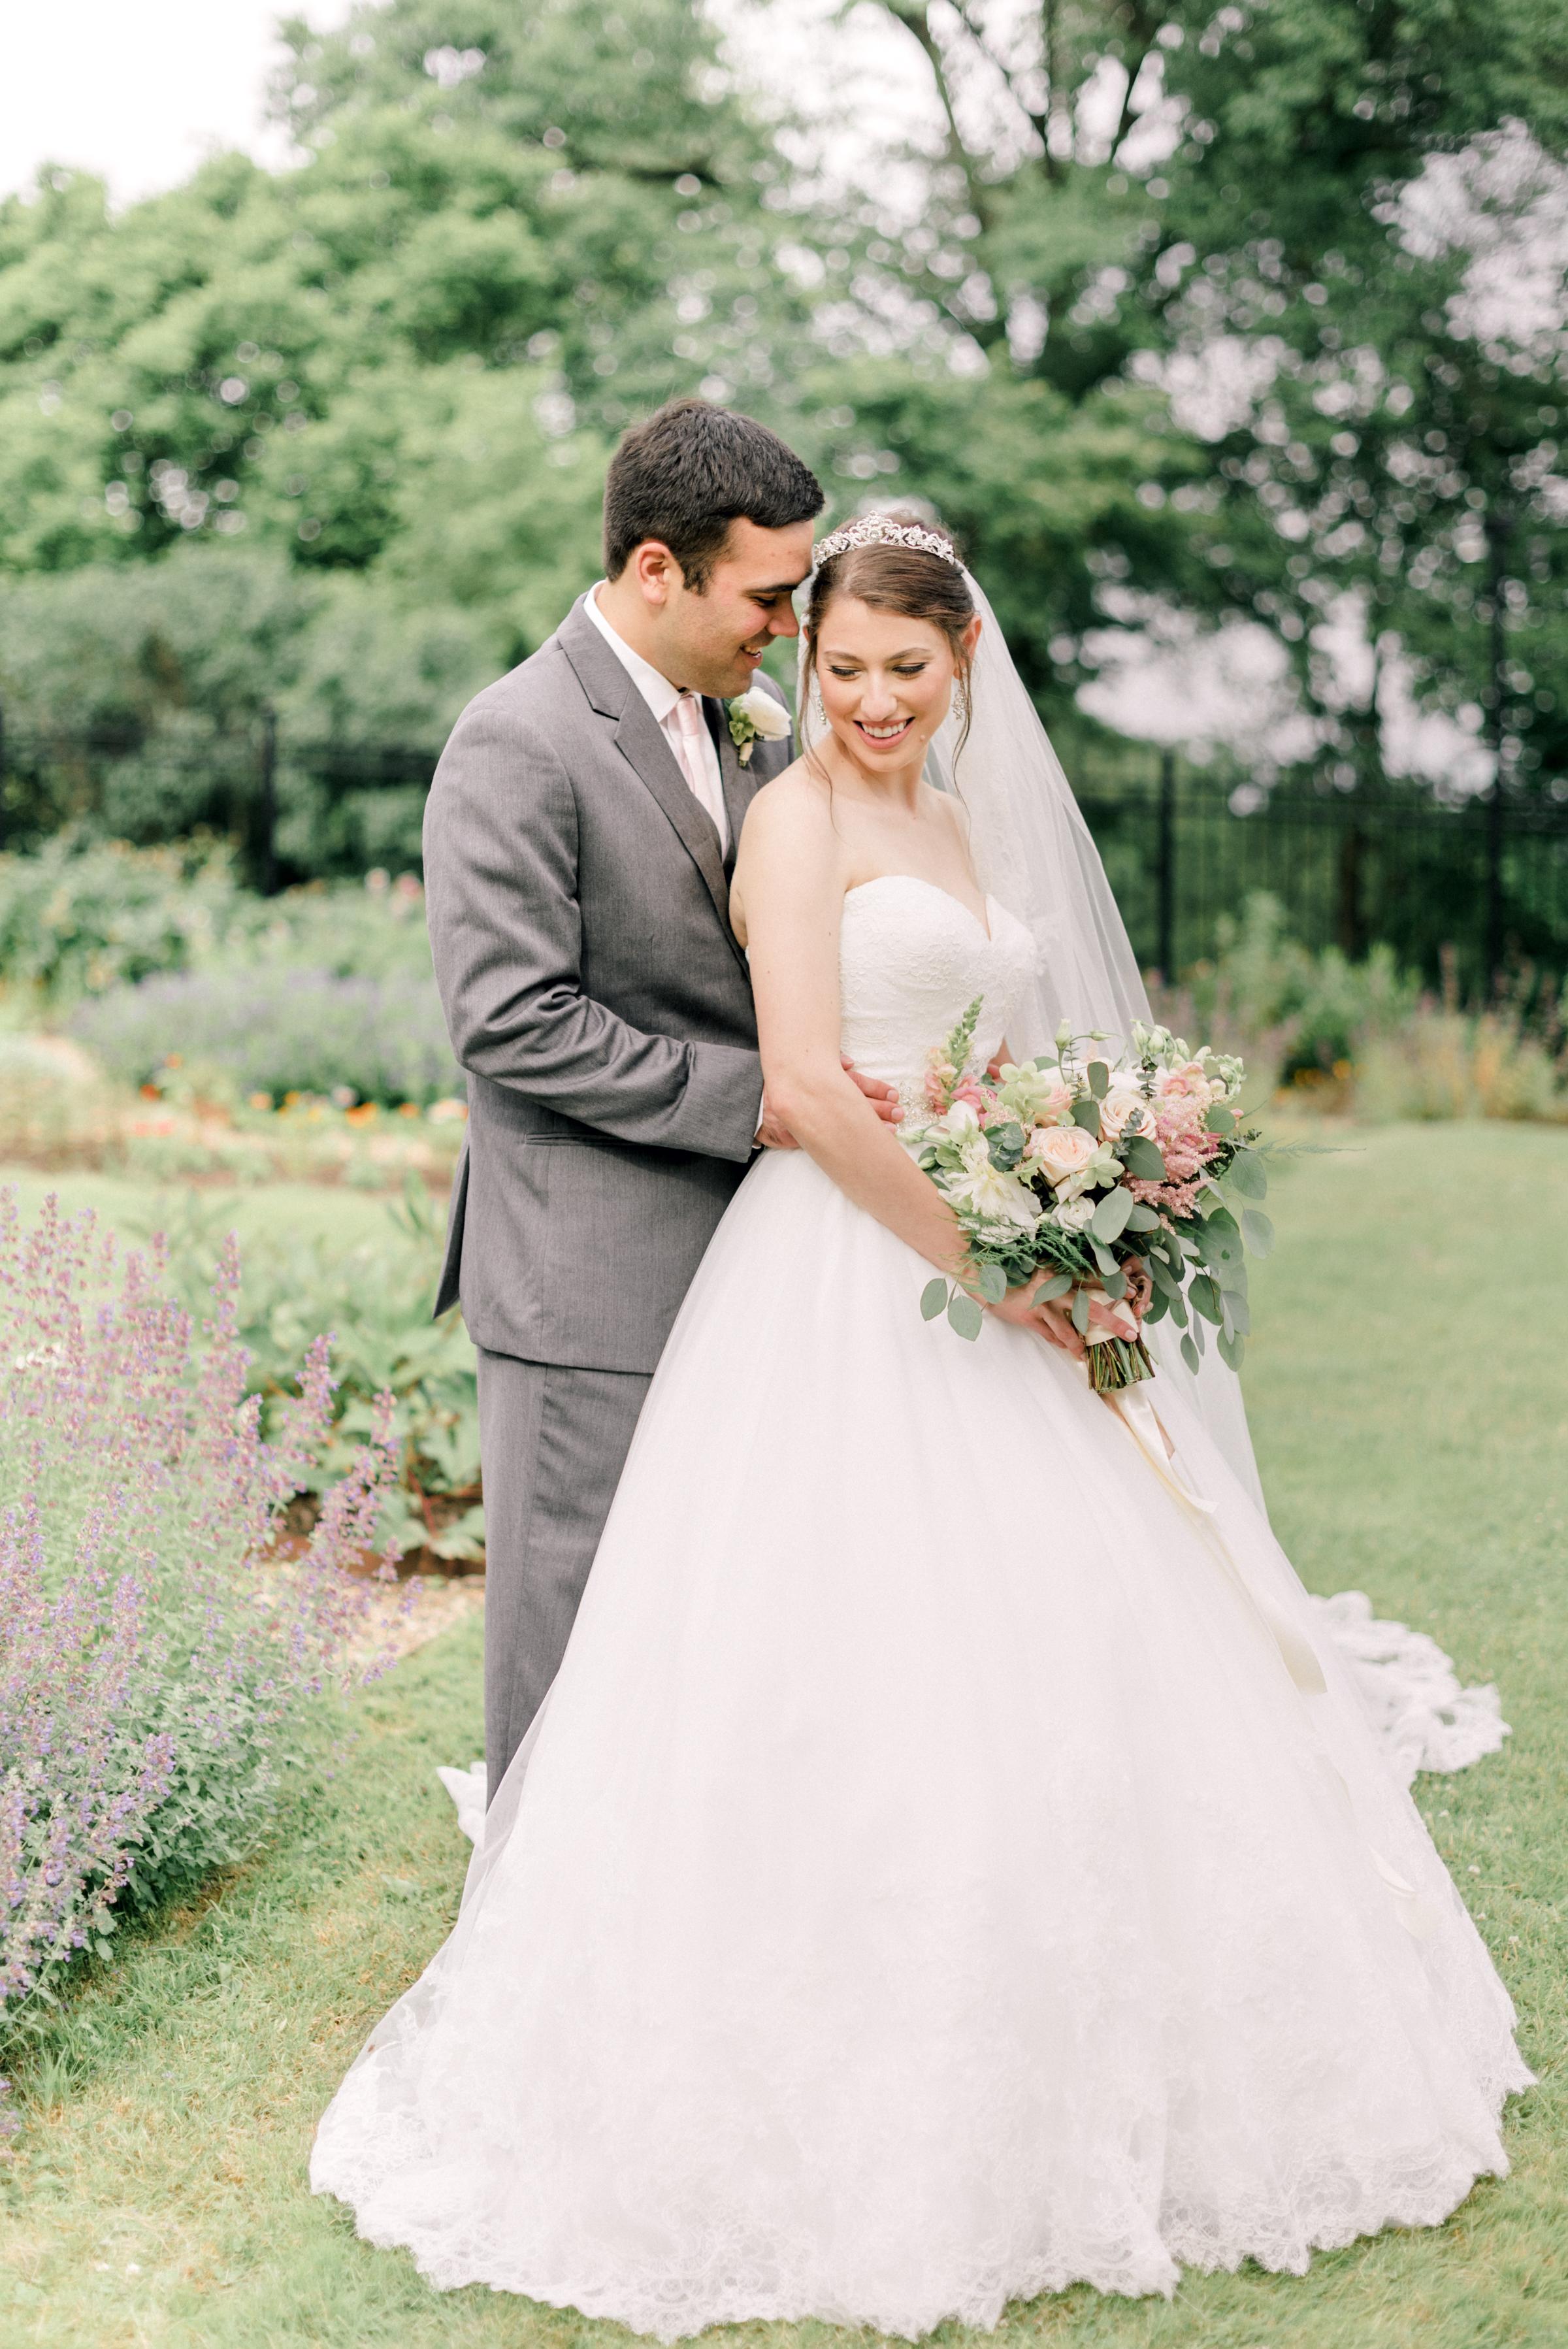 pittsburgh-wedding-photographer-hartwood-acres-0041.jpg